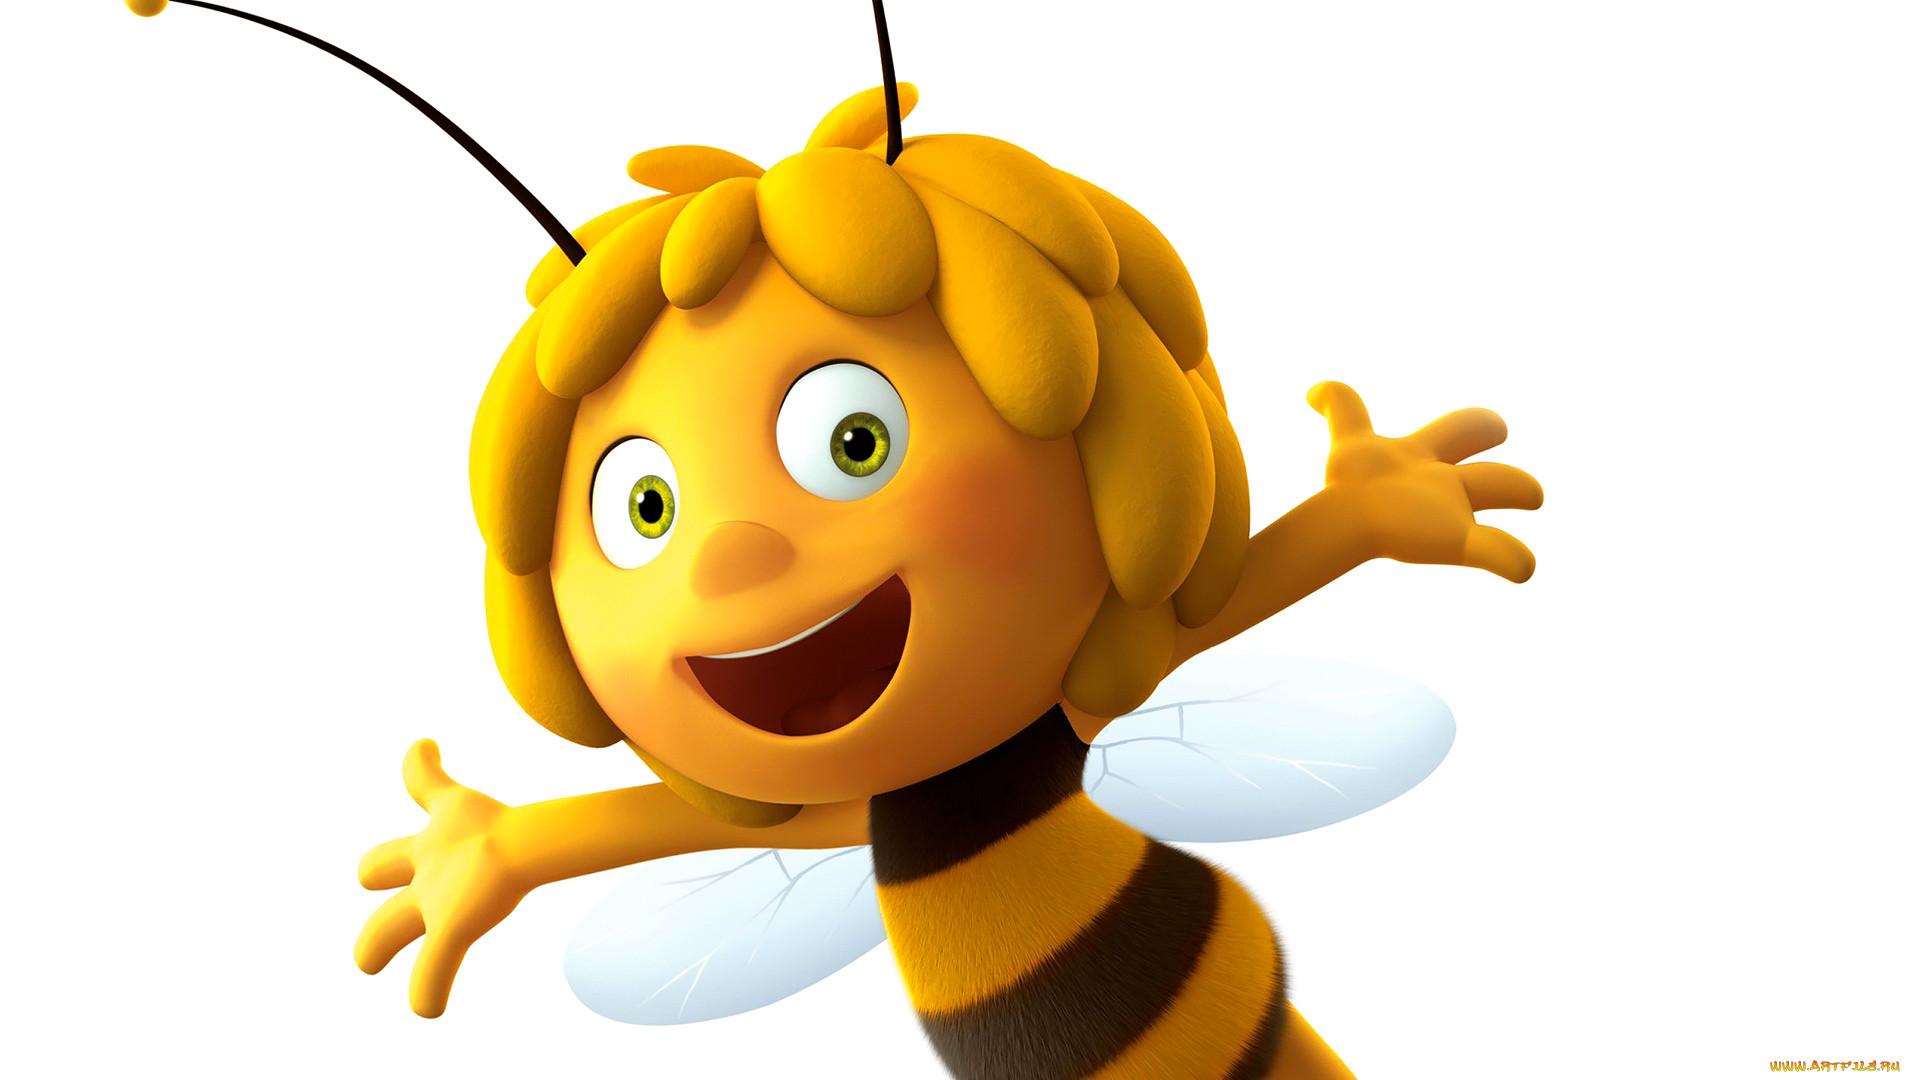 царев смотреть картинки супер пчелка машины надёжные помощники